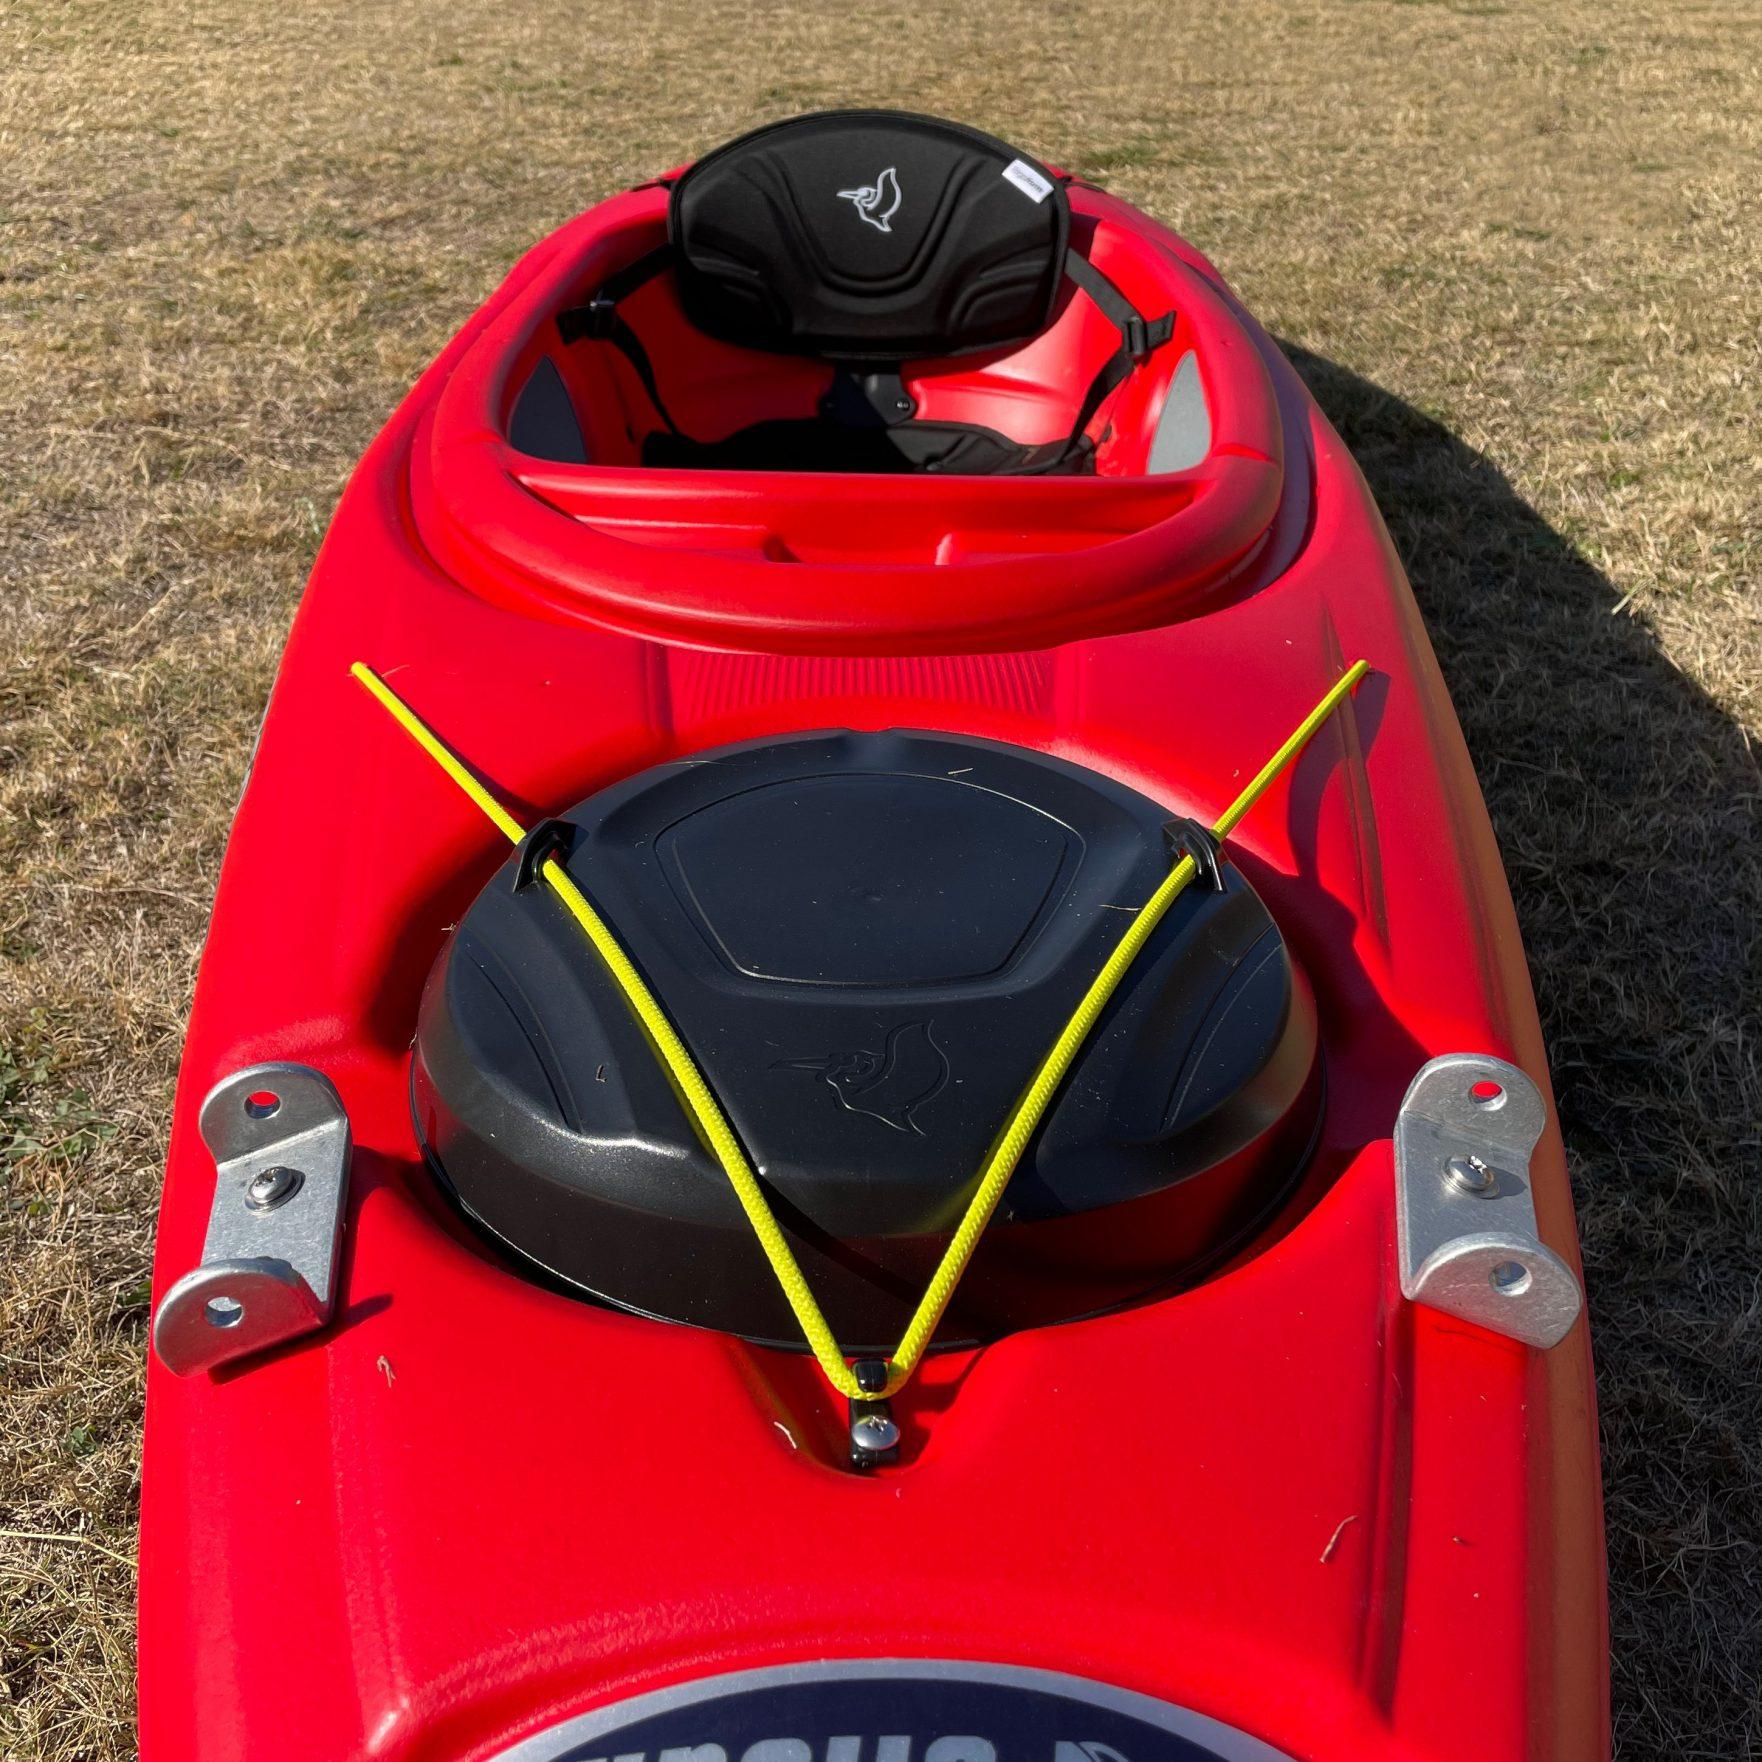 Bold Ivy Kayak Stabilizer Installation - Step 9